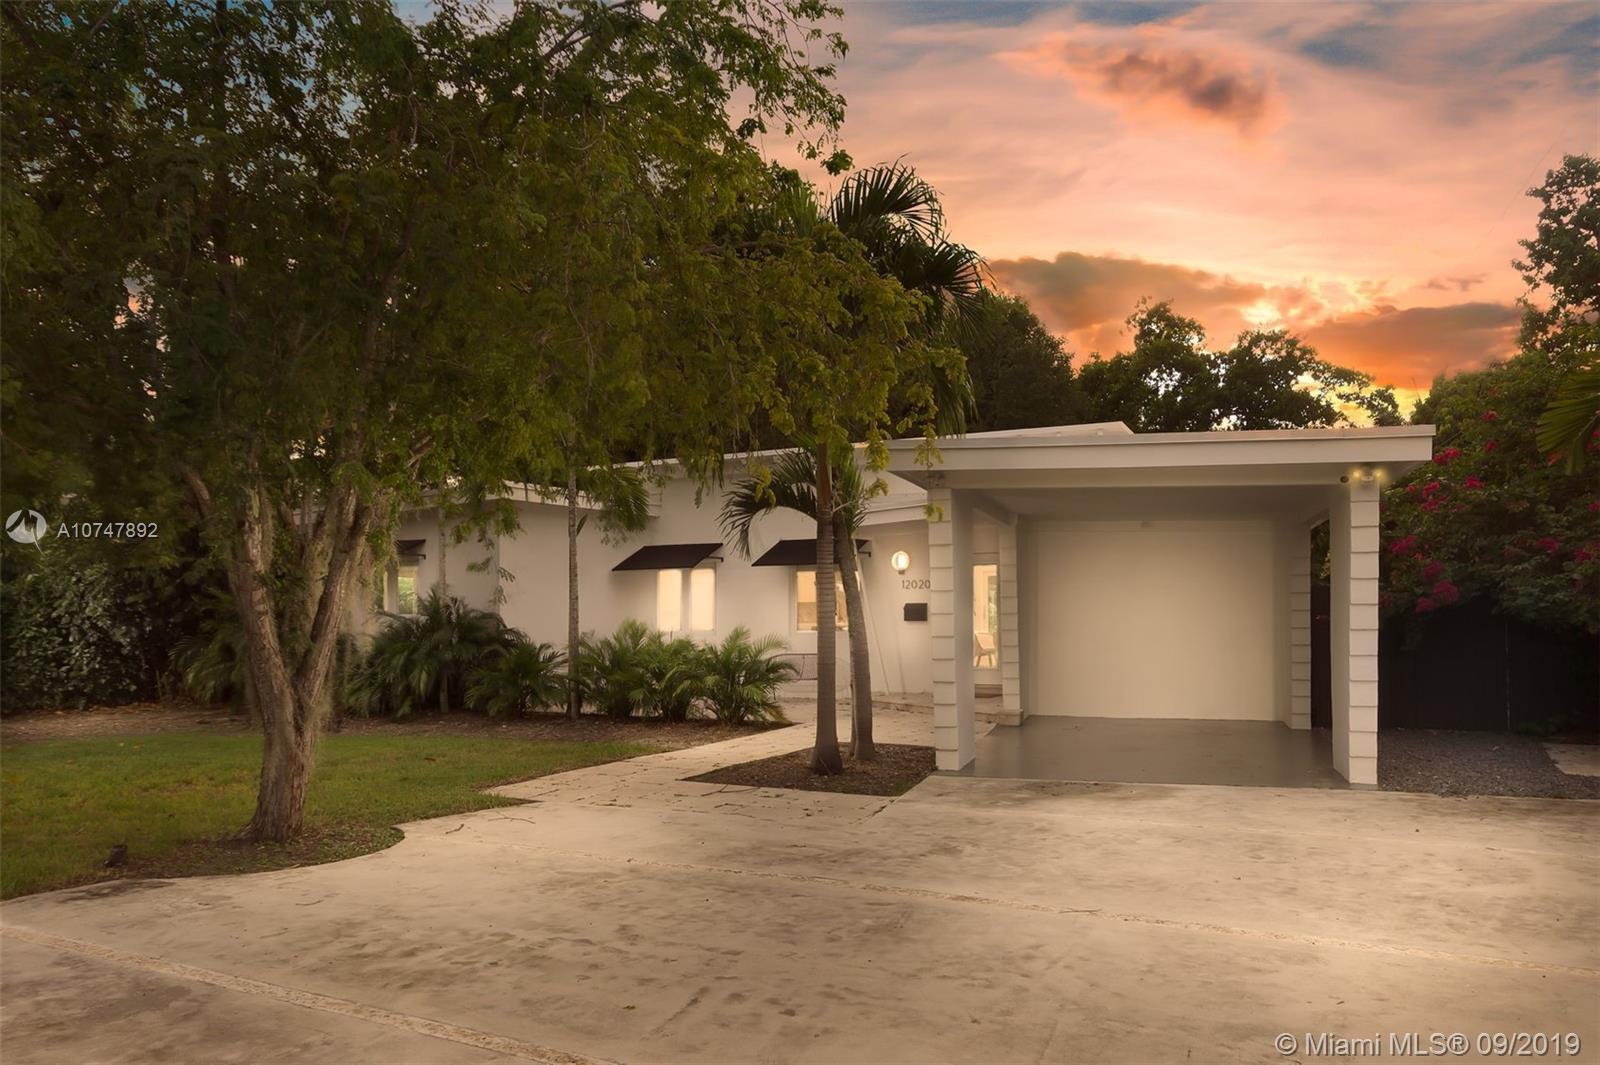 12020 NE 5th Ave, Biscayne Park, FL 33161 - Biscayne Park, FL real estate listing